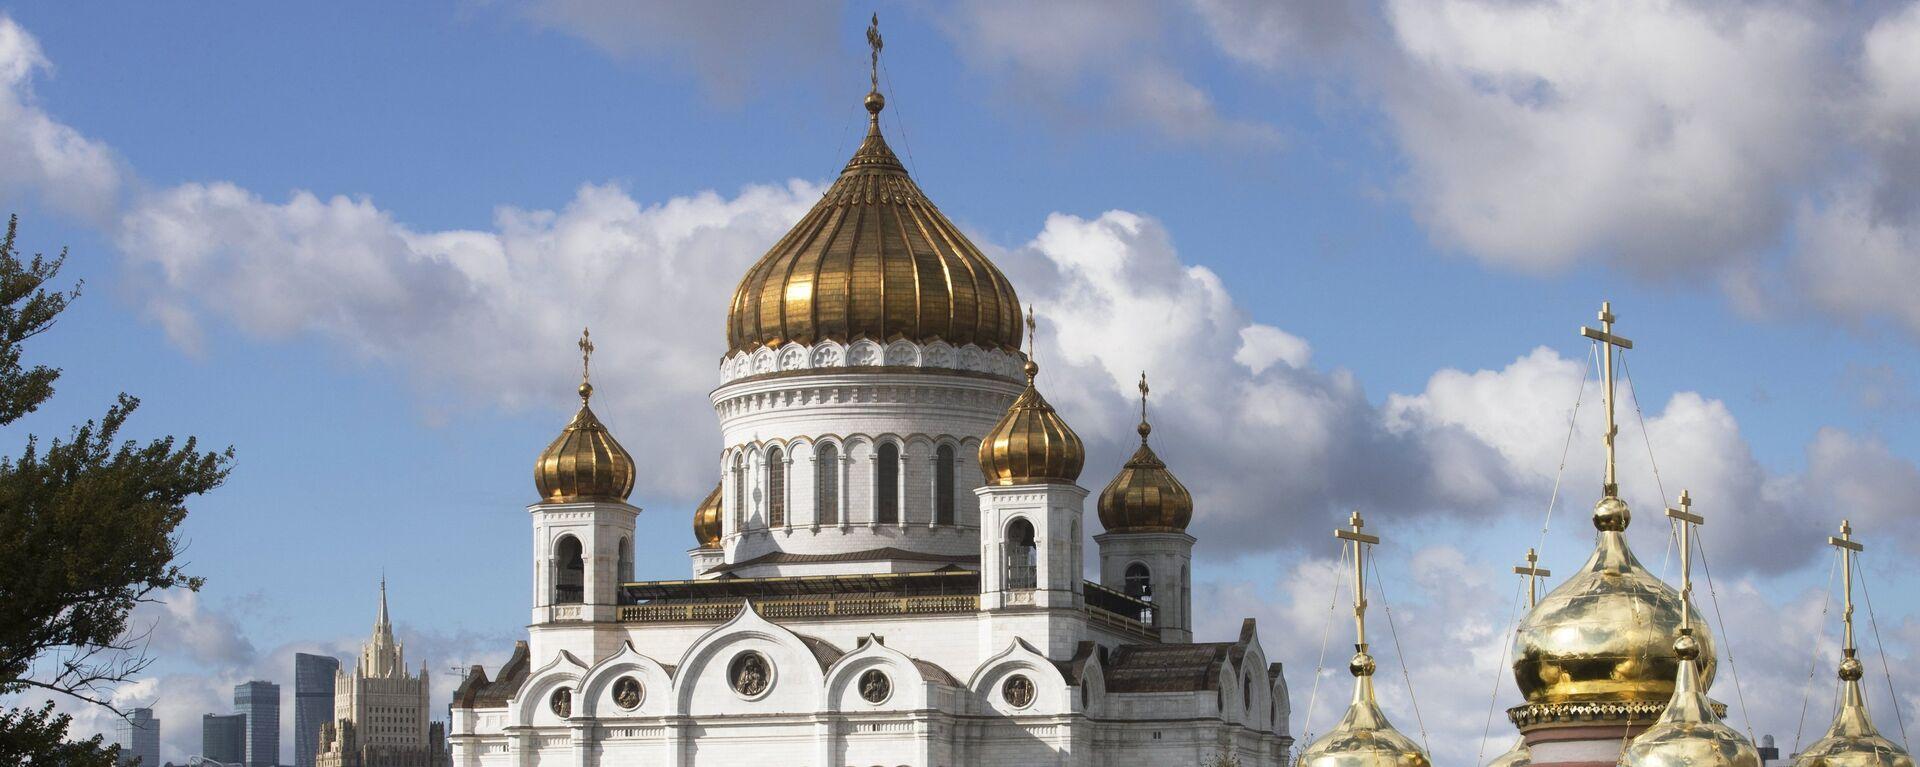 Η Ρωσική Εκκλησία  - Sputnik Ελλάδα, 1920, 30.10.2019